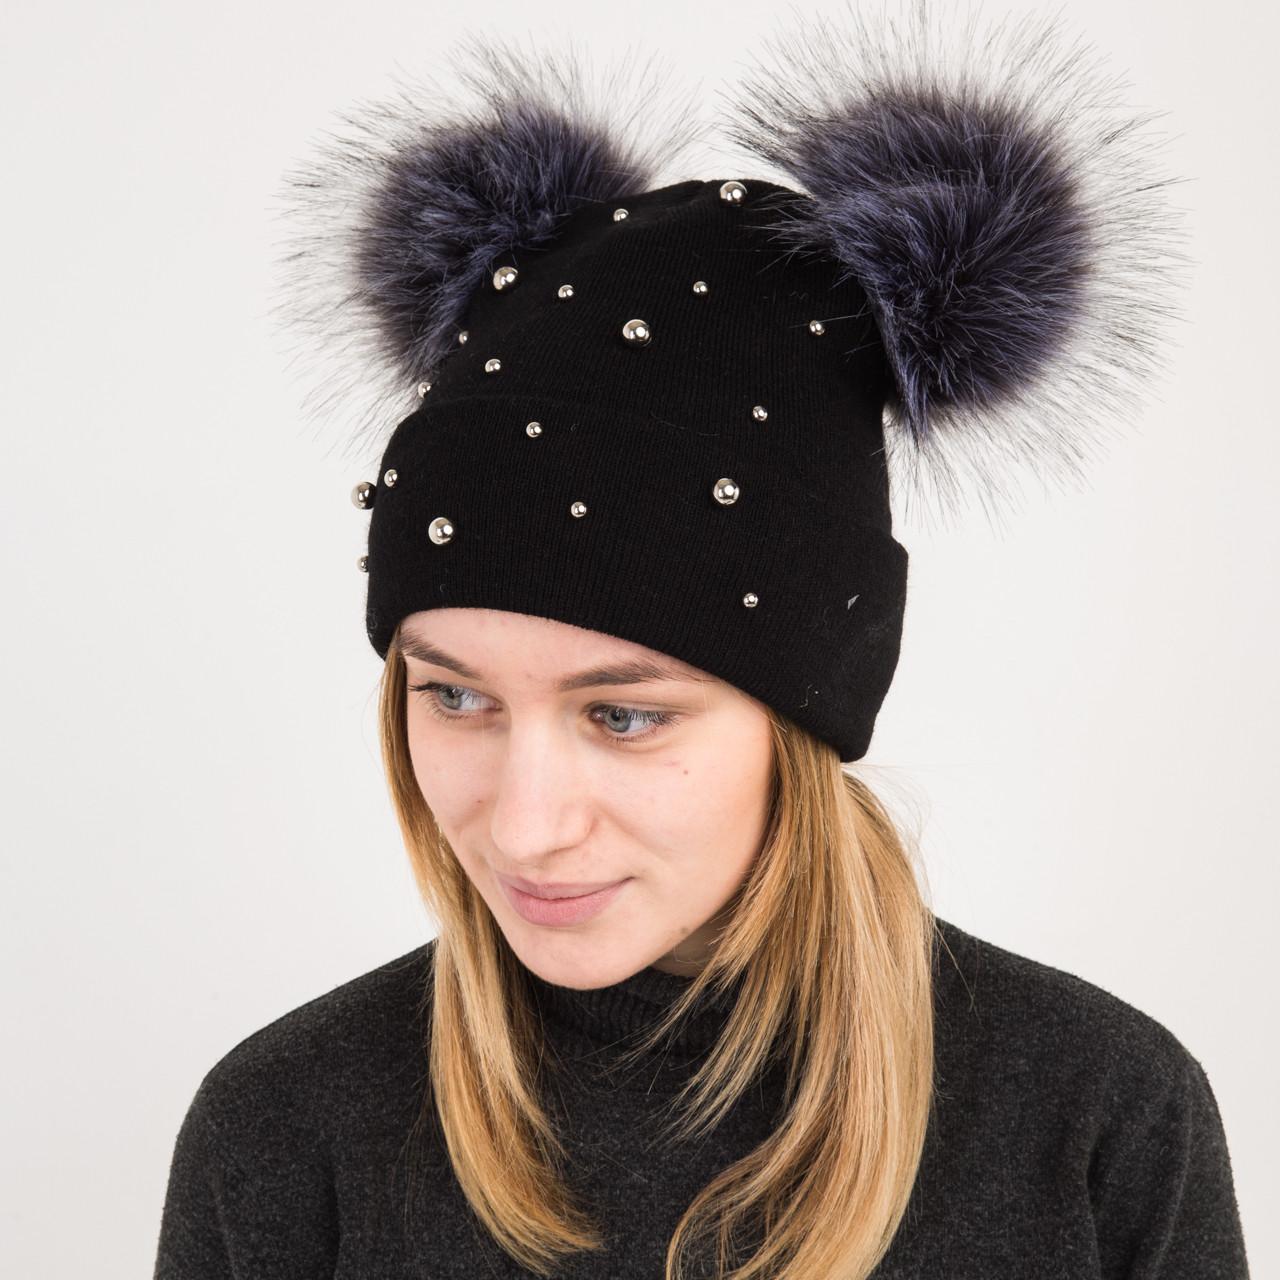 Вязанная шапка с меховыми помпонами для женщин - Микки Маус - Артикул 2172 (черная)